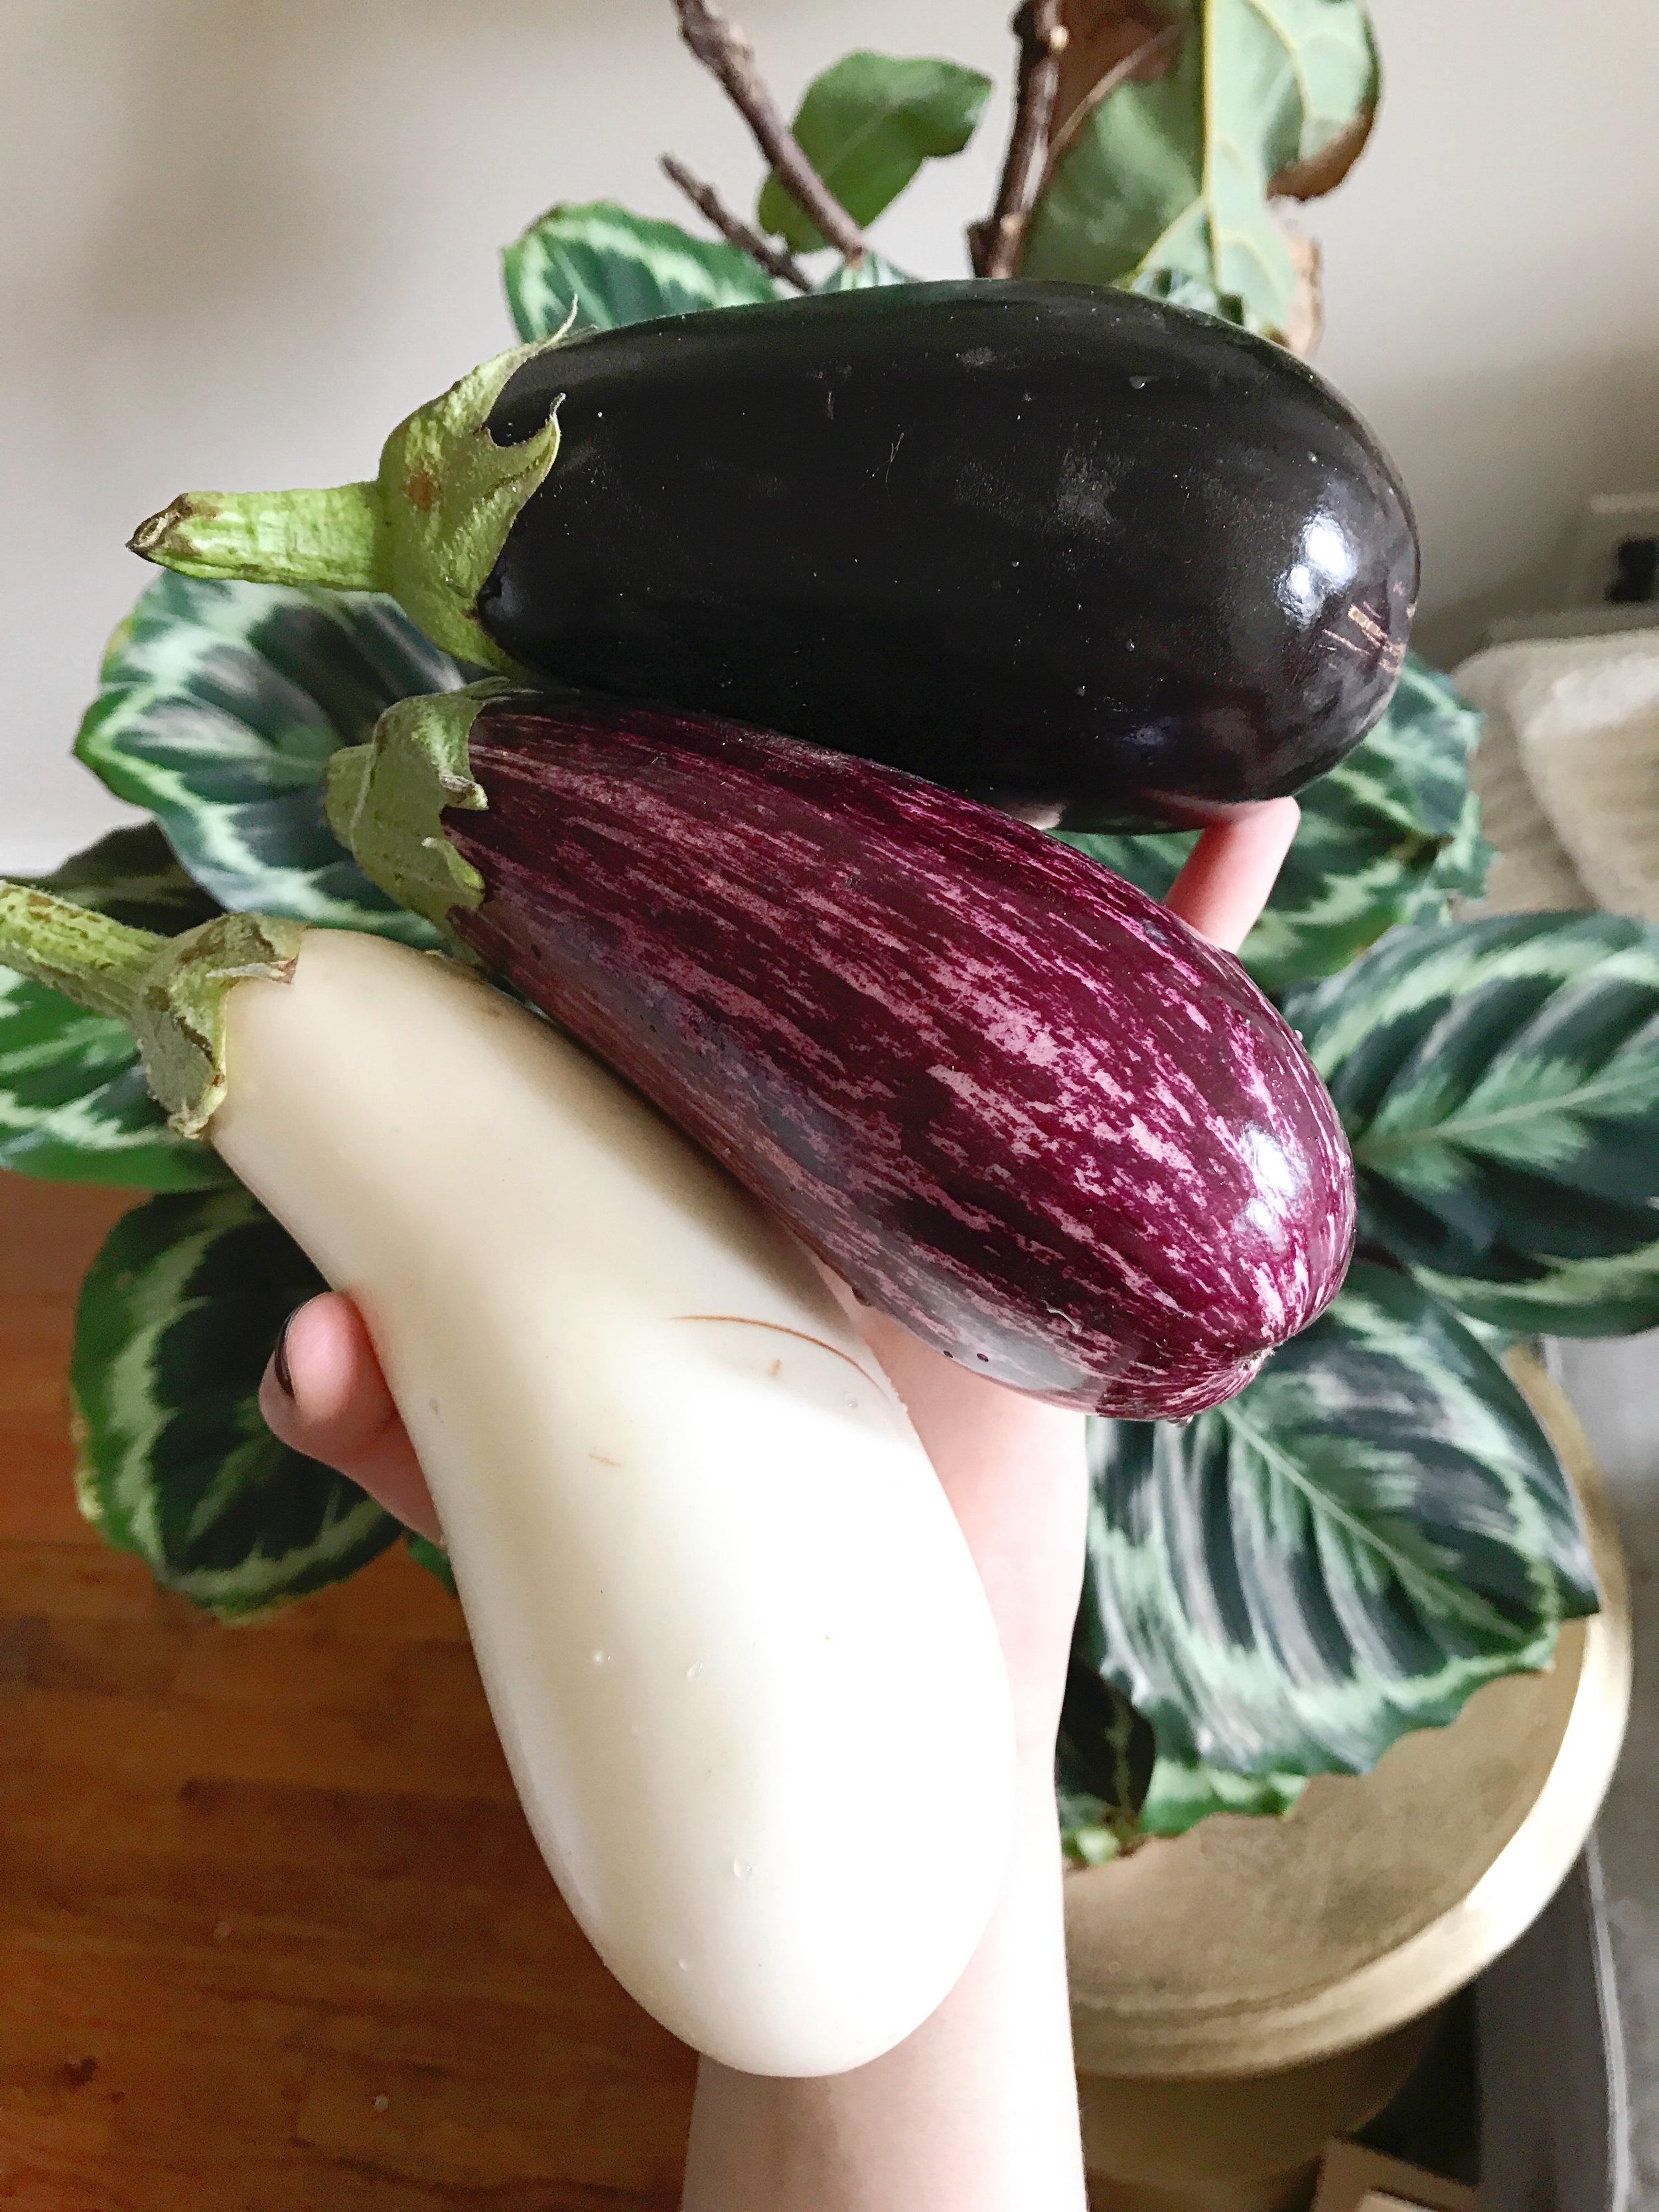 Eggplants-DevinCaskie.jpg